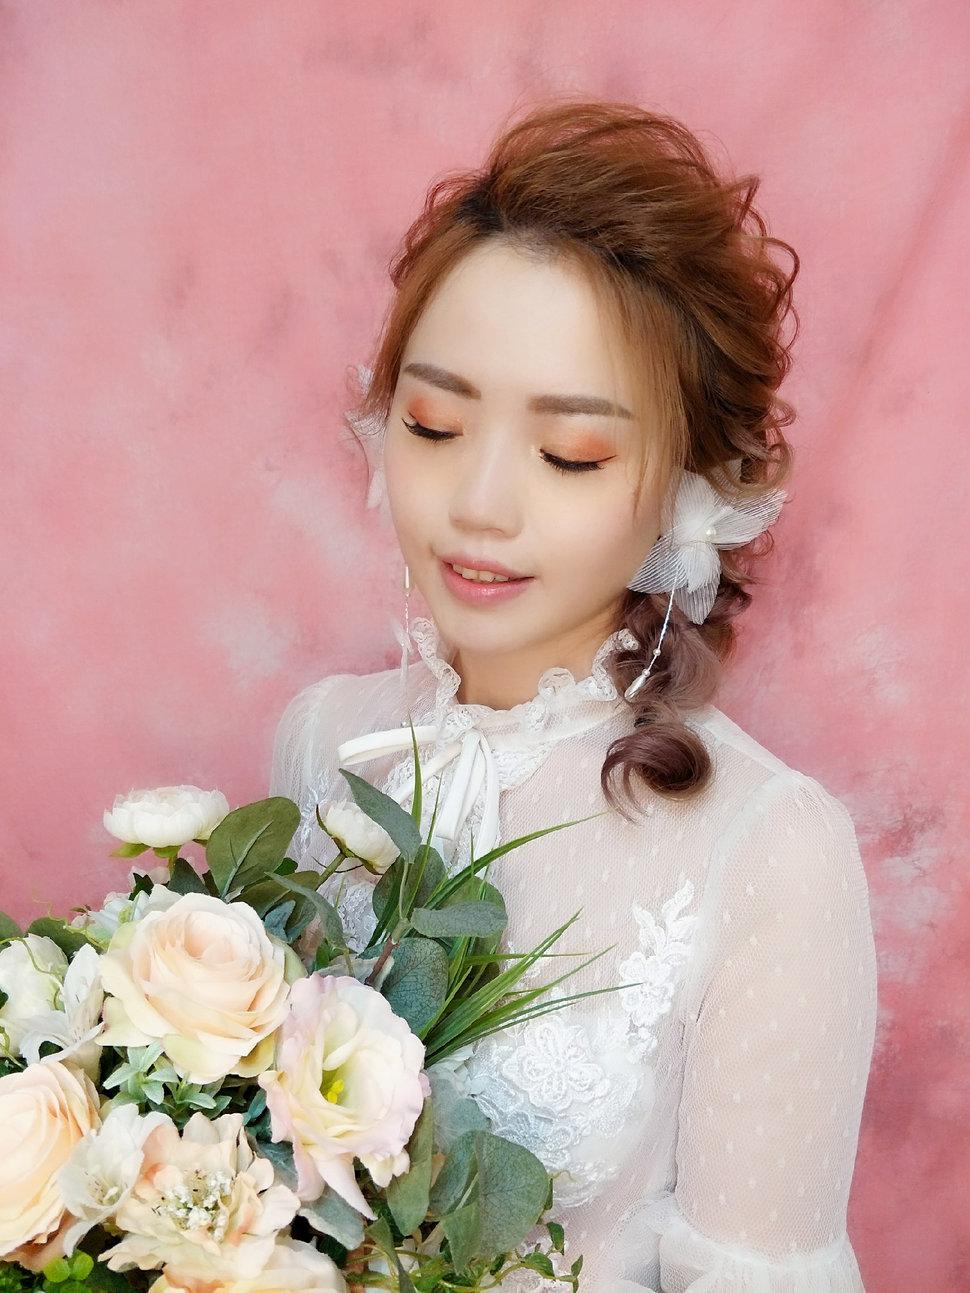 155732571973052200 - Nico妮可彩妝造型-噴槍底妝《結婚吧》